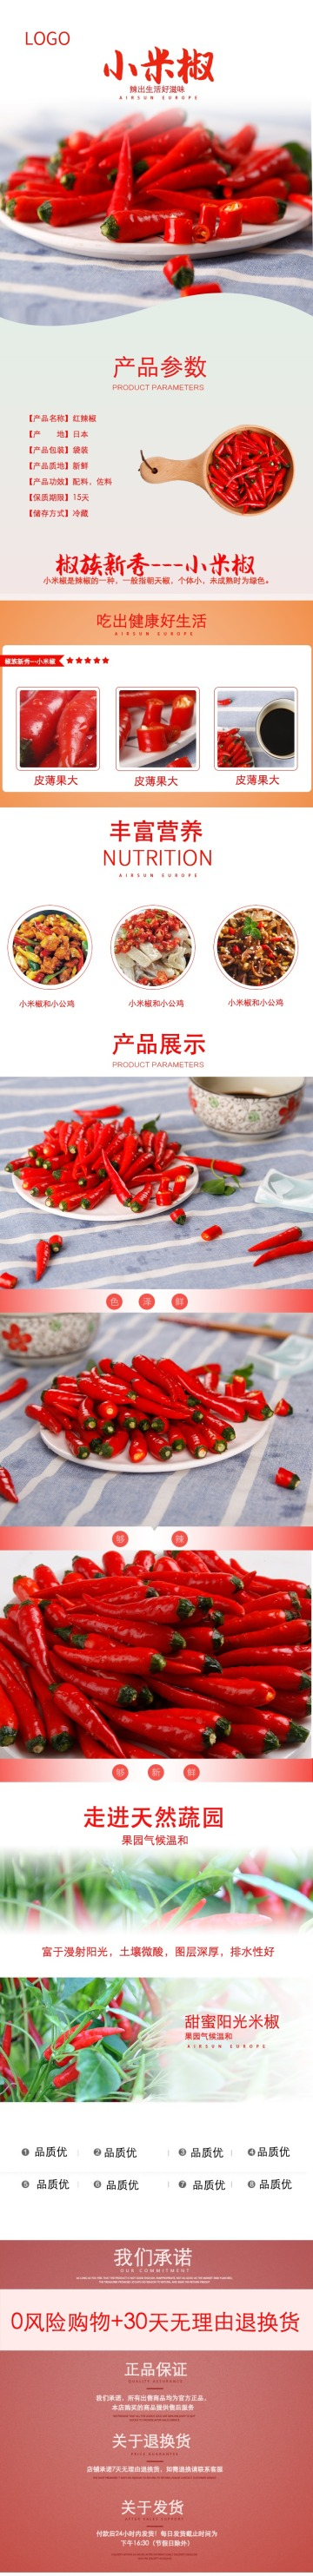 红色简约清新食品果蔬米椒电商宝贝详情